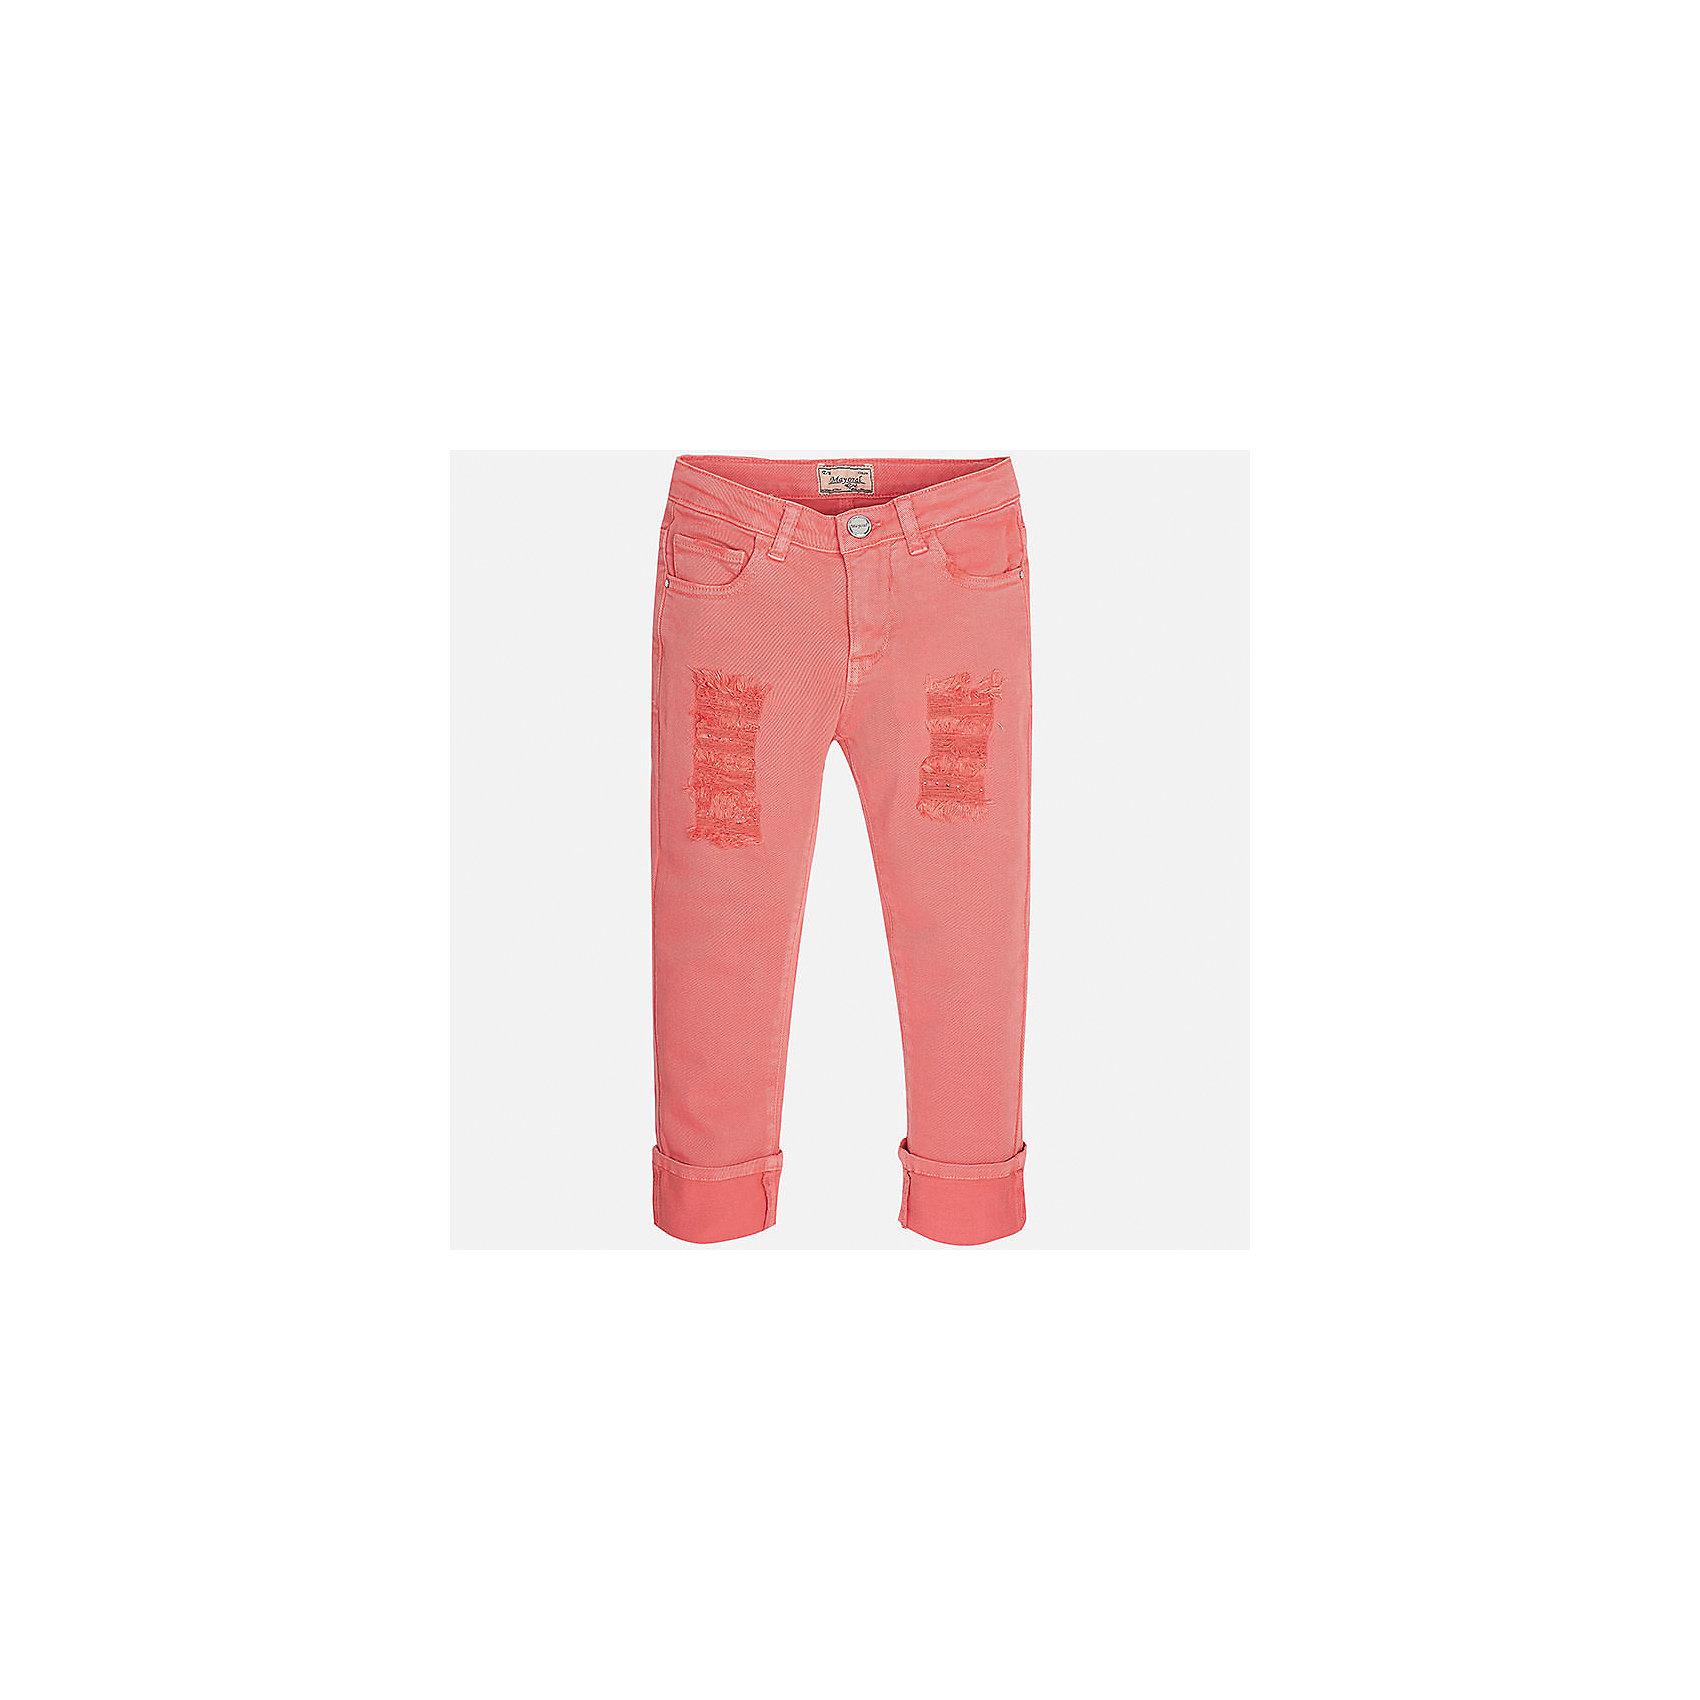 Брюки для девочки MayoralХарактеристики товара:<br><br>• цвет: розовый<br>• состав: 98% хлопок, 2% эластан<br>• эффект потертости<br>• карманы<br>• пояс с регулировкой объема<br>• шлевки<br>• страна бренда: Испания<br><br>Стильные брюки для девочки смогут разнообразить гардероб ребенка и украсить наряд. Они отлично сочетаются с майками, футболками, блузками. Красивый оттенок позволяет подобрать к вещи верх разных расцветок. Интересный крой модели делает её нарядной и оригинальной. В составе материала - натуральный хлопок, гипоаллергенный, приятный на ощупь, дышащий.<br><br>Одежда, обувь и аксессуары от испанского бренда Mayoral полюбились детям и взрослым по всему миру. Модели этой марки - стильные и удобные. Для их производства используются только безопасные, качественные материалы и фурнитура. Порадуйте ребенка модными и красивыми вещами от Mayoral! <br><br>Брюки для девочки от испанского бренда Mayoral (Майорал) можно купить в нашем интернет-магазине.<br><br>Ширина мм: 215<br>Глубина мм: 88<br>Высота мм: 191<br>Вес г: 336<br>Цвет: розовый<br>Возраст от месяцев: 84<br>Возраст до месяцев: 96<br>Пол: Женский<br>Возраст: Детский<br>Размер: 128/134,170,140,152,158,164<br>SKU: 5292966